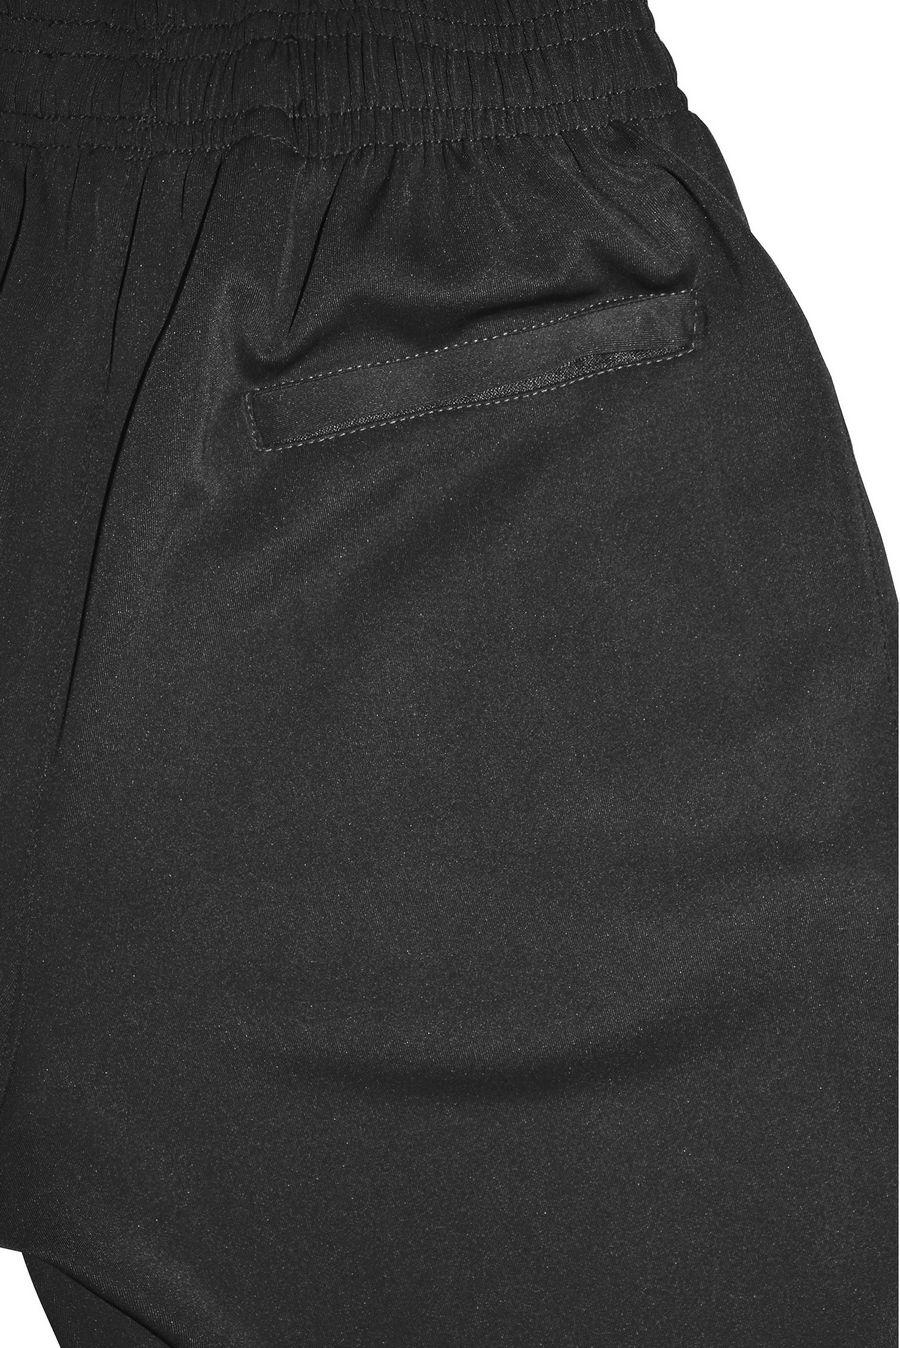 Брюки мужские GL 104 черные - фото 2